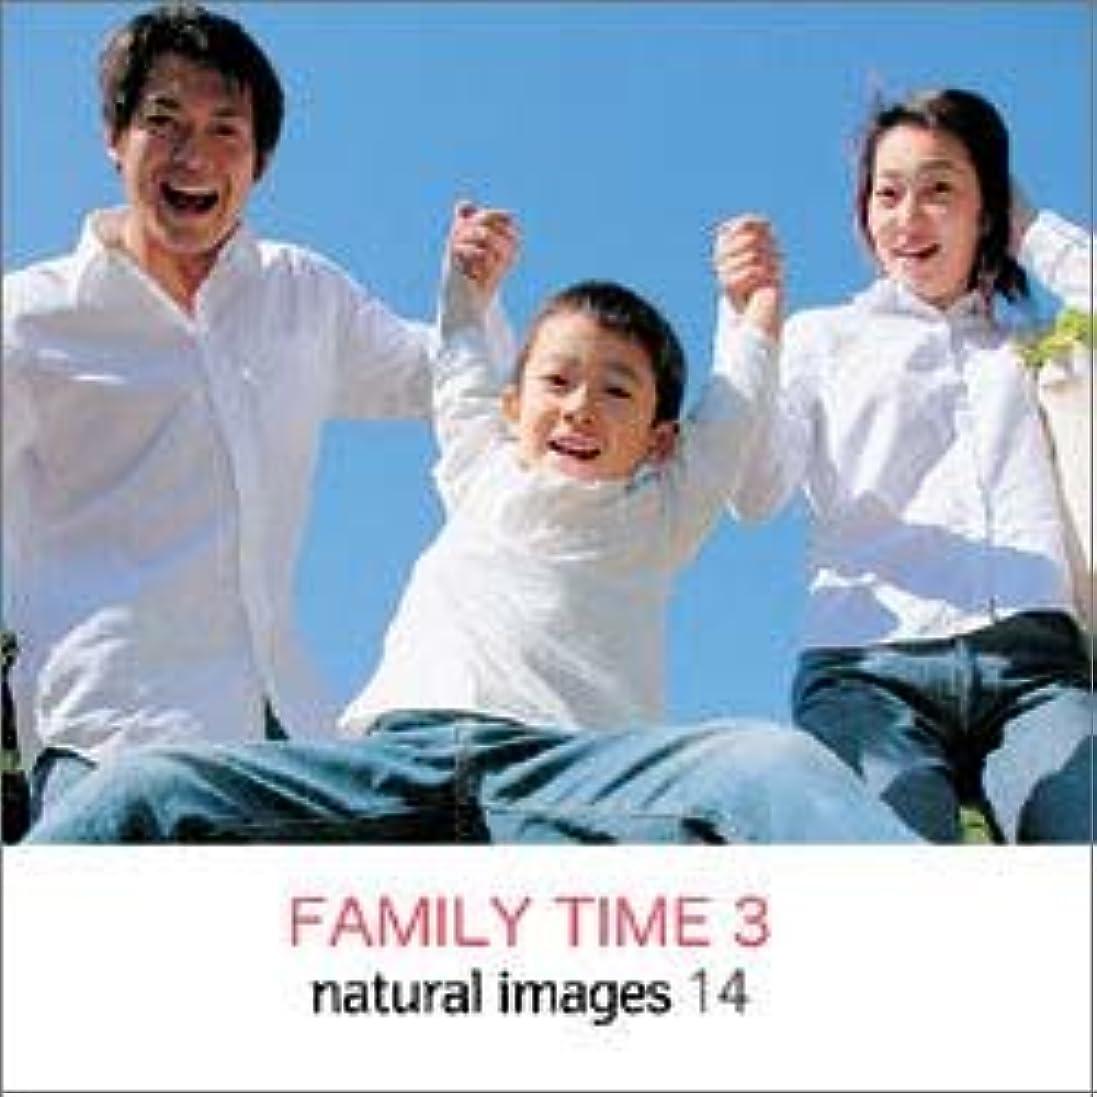 愛情規定準備ができてnatural images Vol.14 FAMILY TIME 3